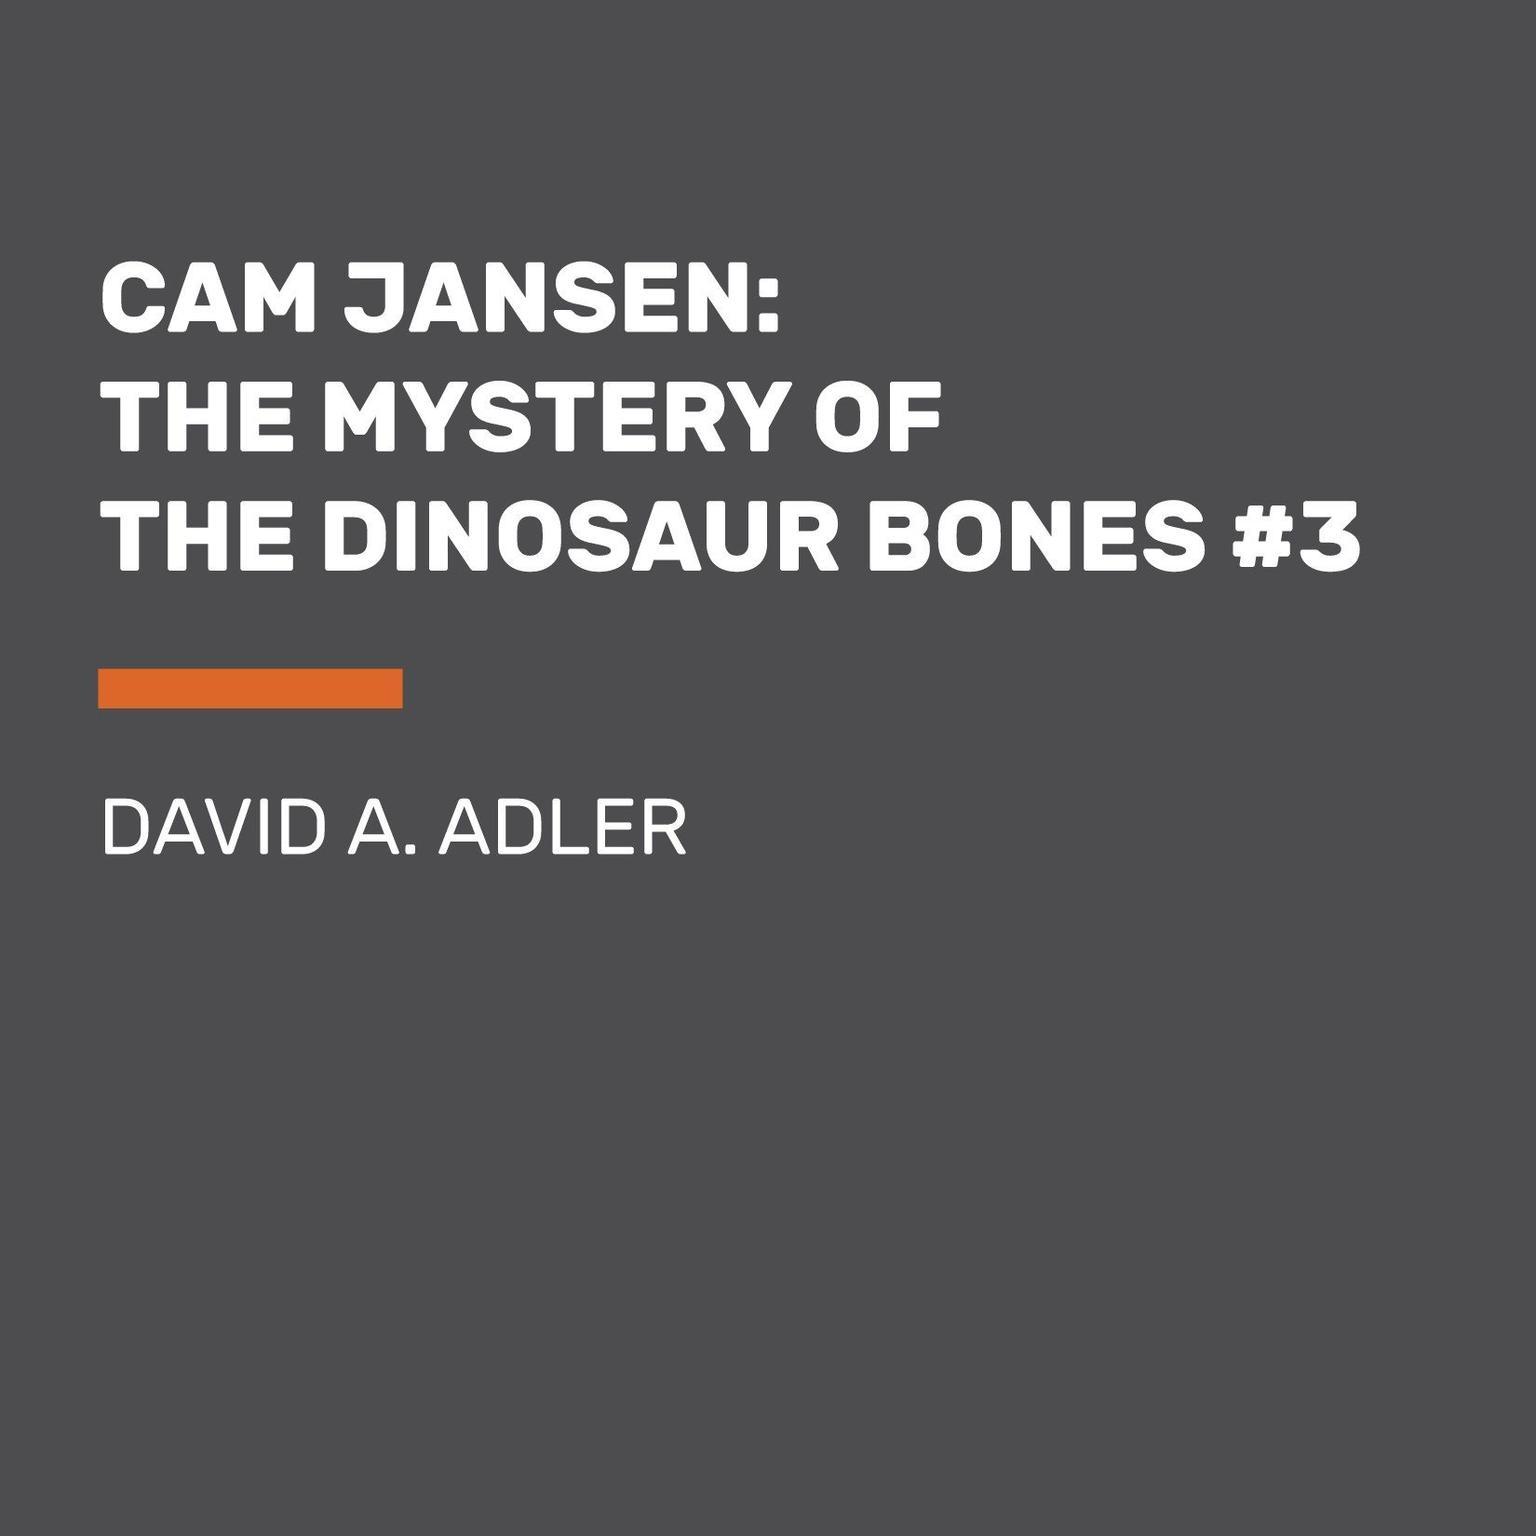 Cam Jansen: The Mystery of the Dinosaur Bones #3: The Mystery of the Dinosaur Bones Audiobook, by David A. Adler